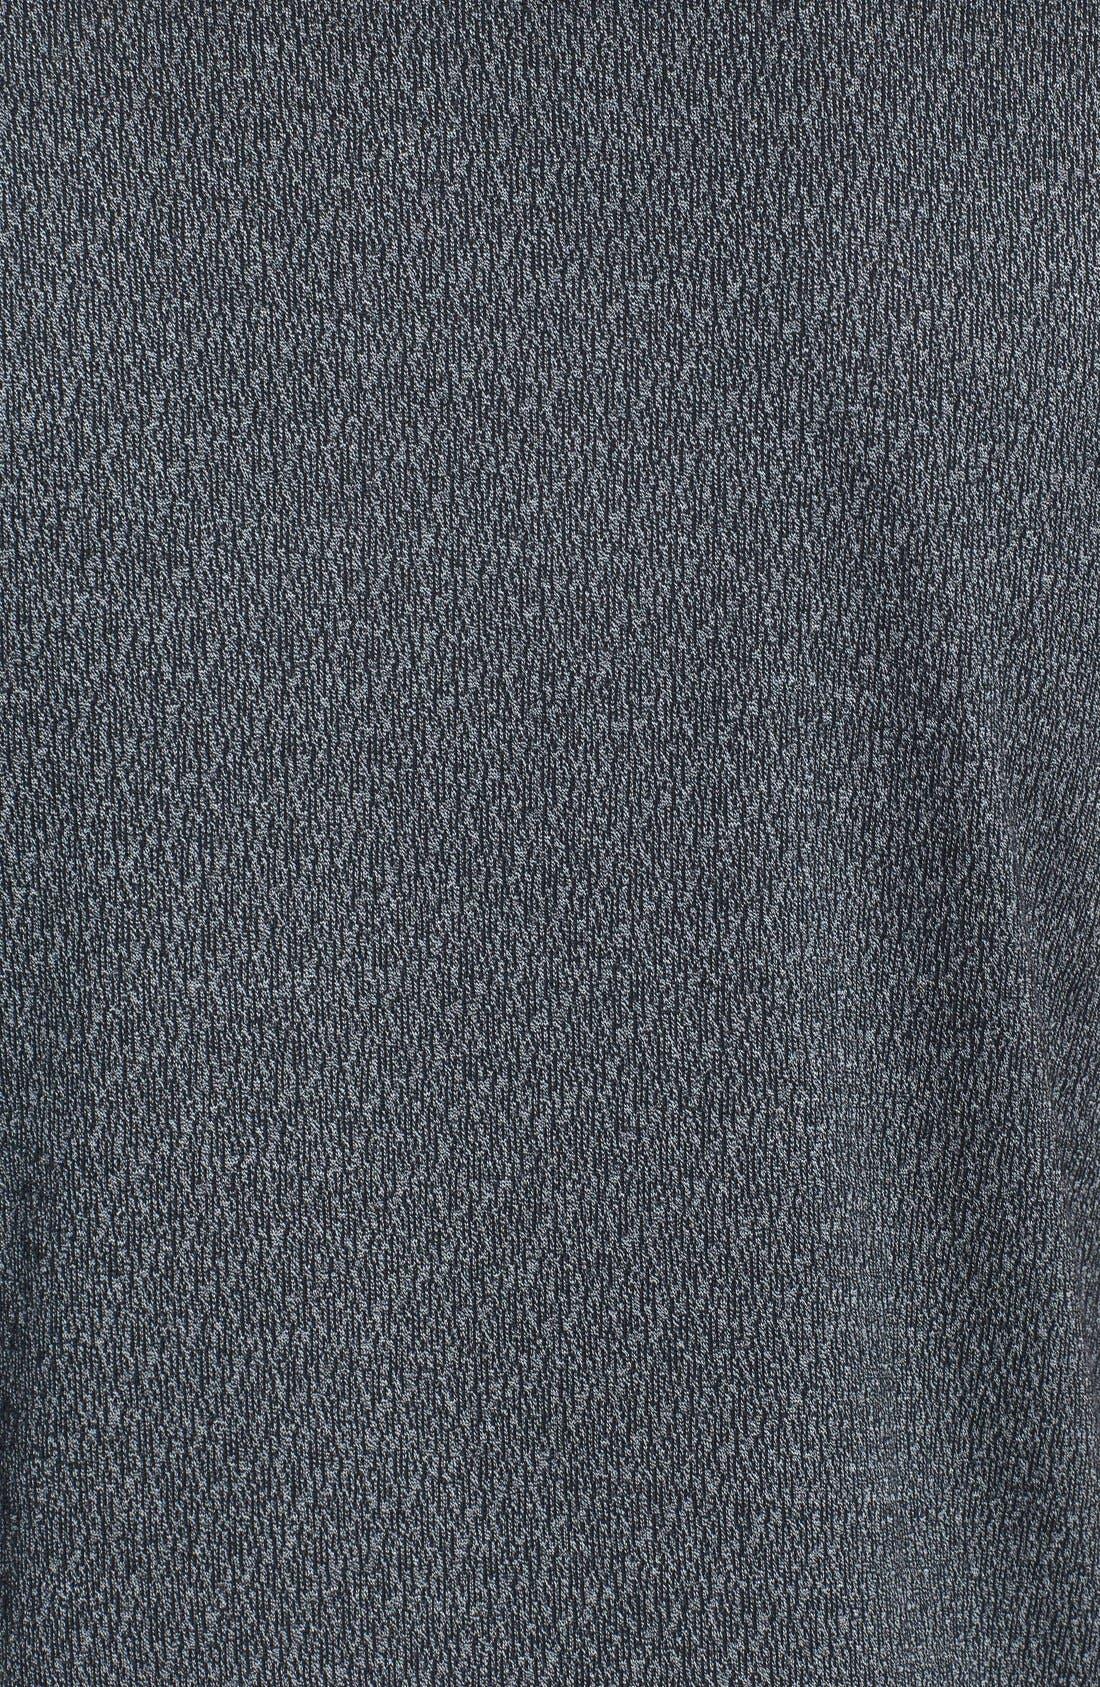 Alternate Image 3  - Robert Barakett 'Edwin' Regular Fit Pima Cotton Polo